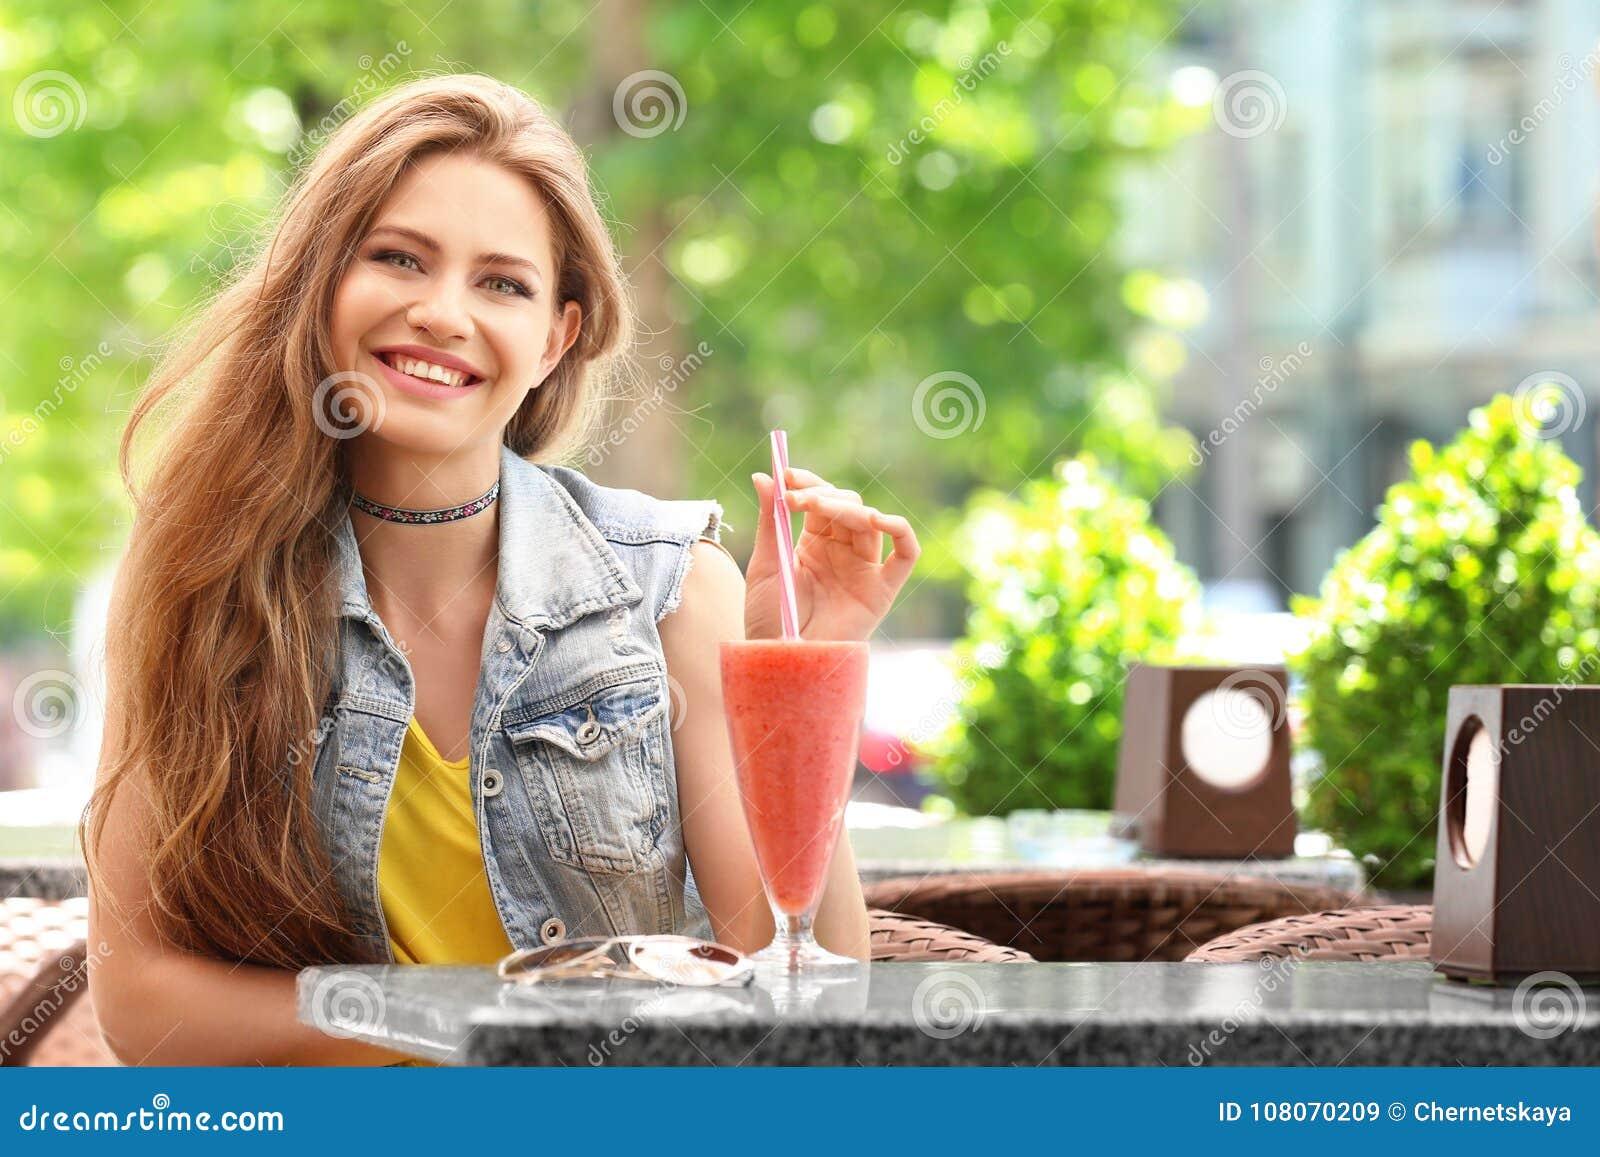 Ładna kobieta pije smakowitego smoothie